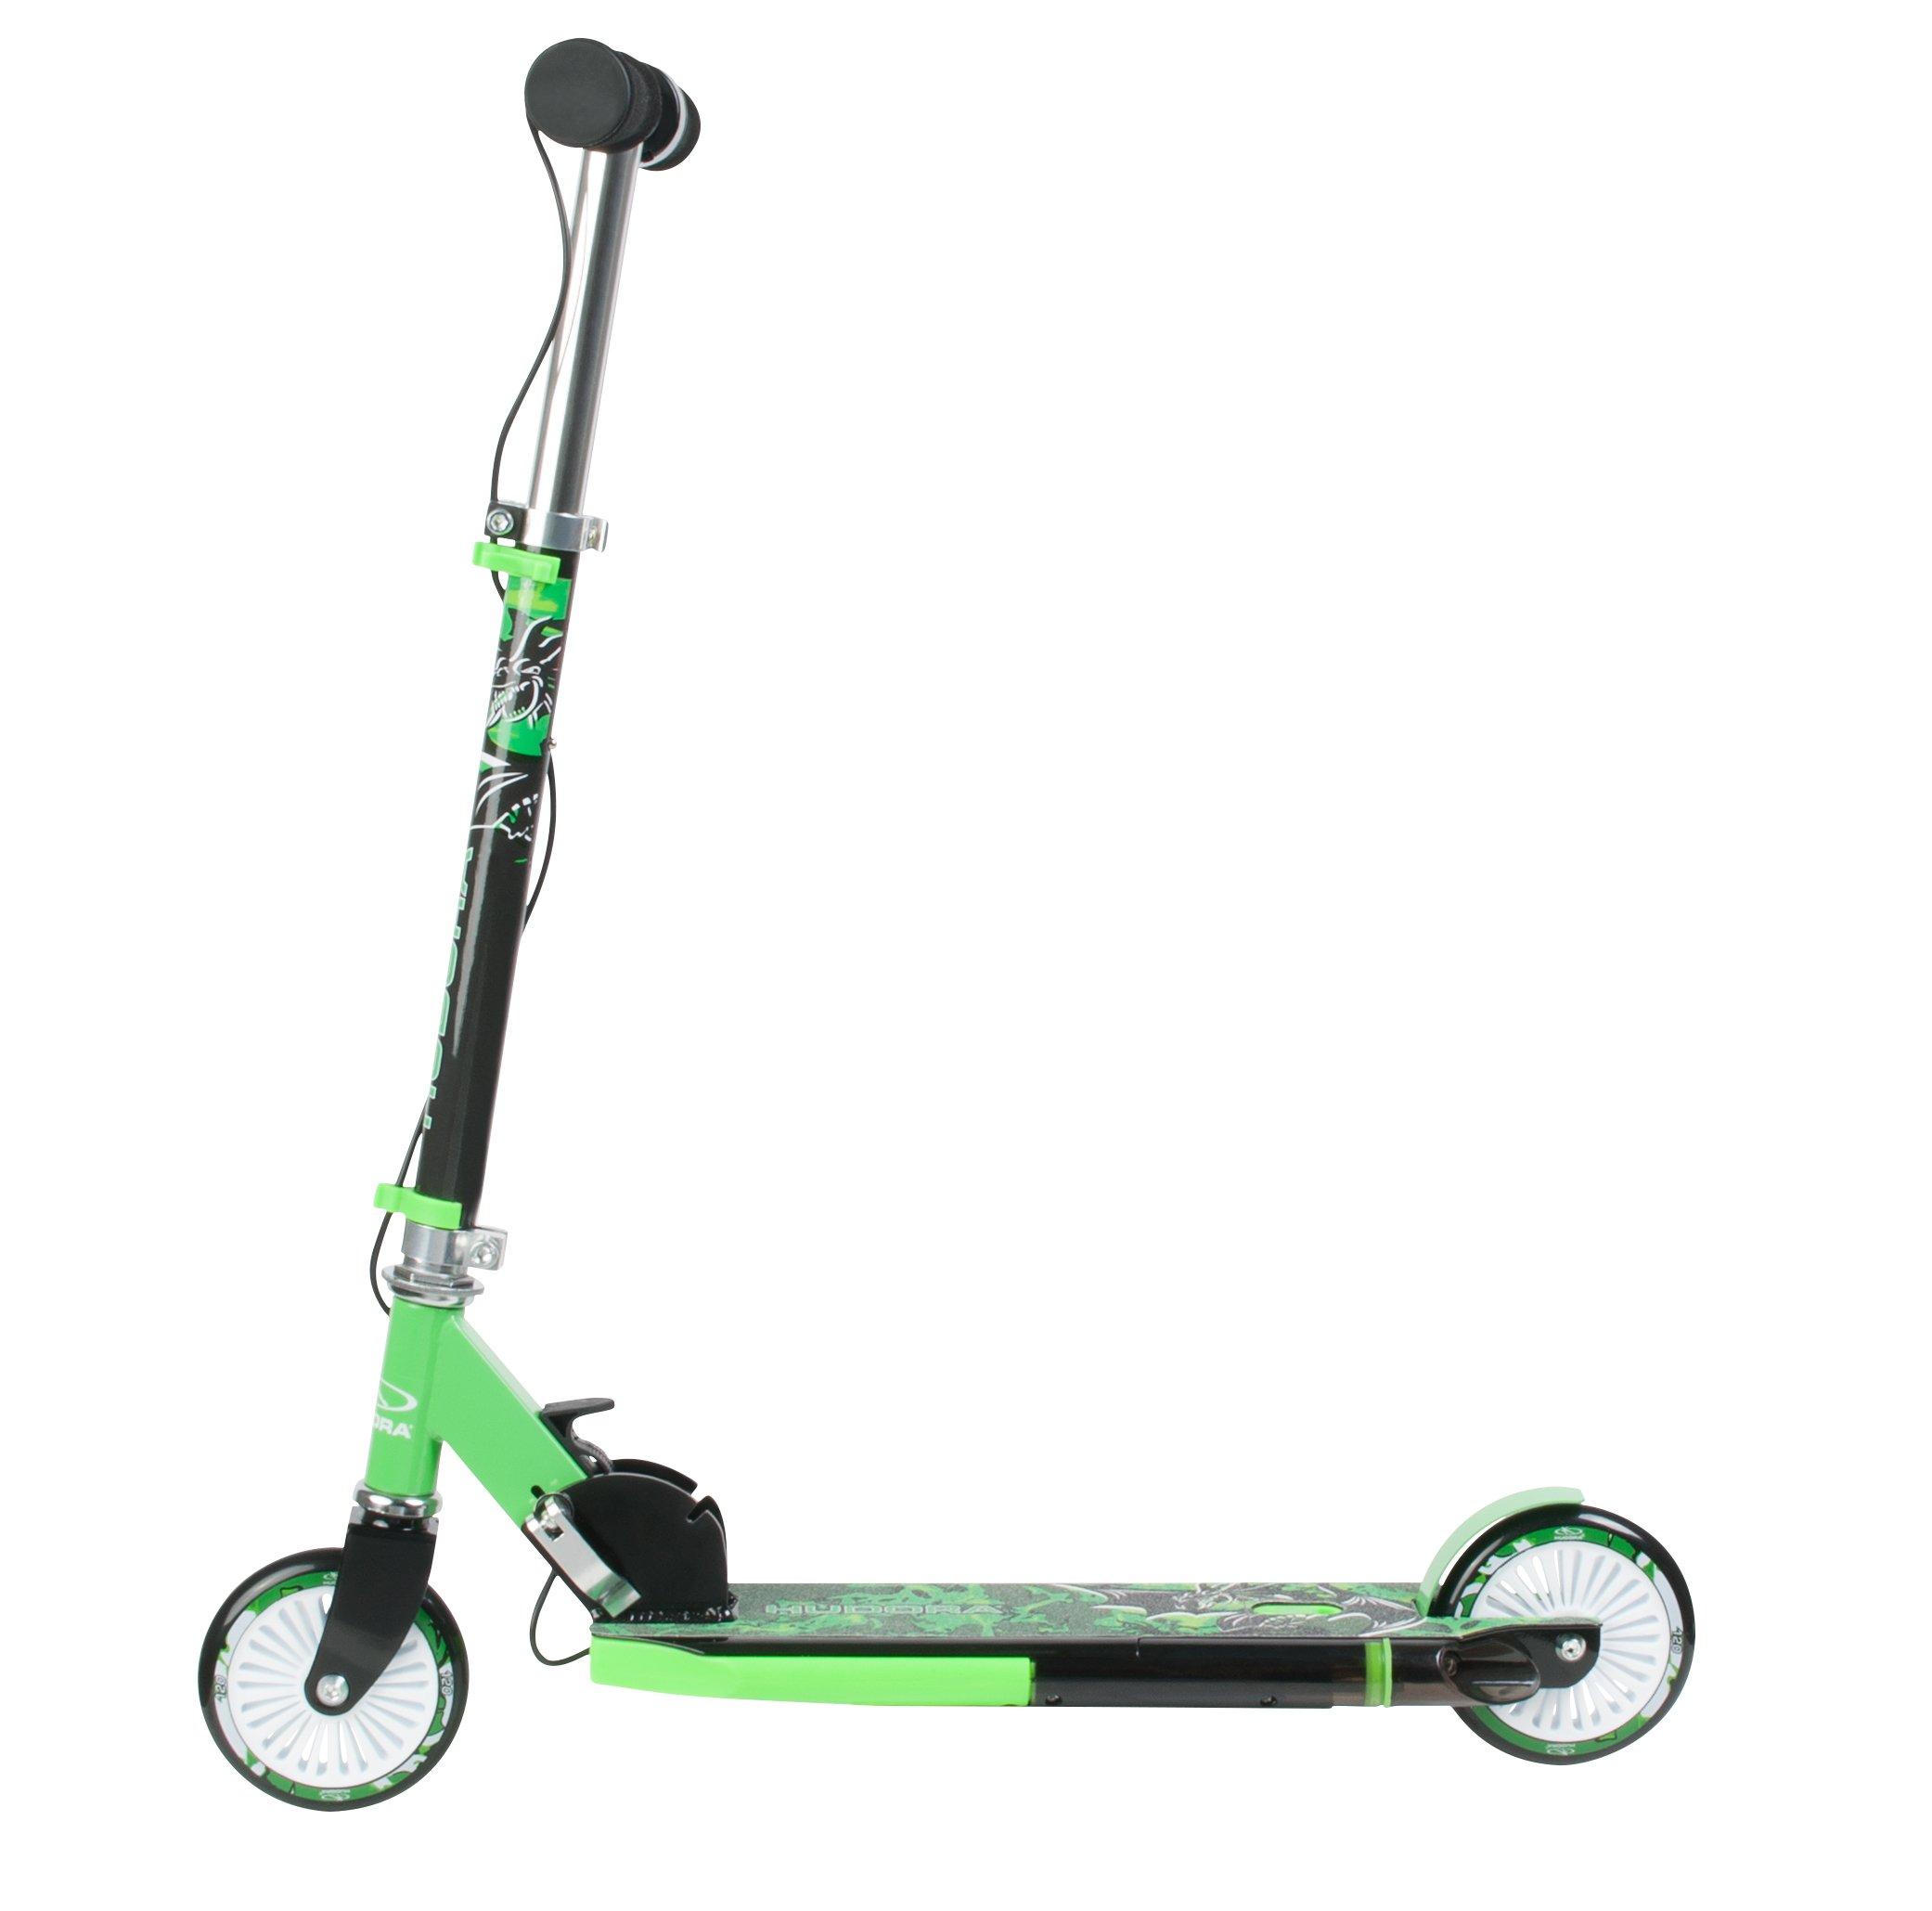 hudora street dragon gr n kinder roller scooter kinder. Black Bedroom Furniture Sets. Home Design Ideas